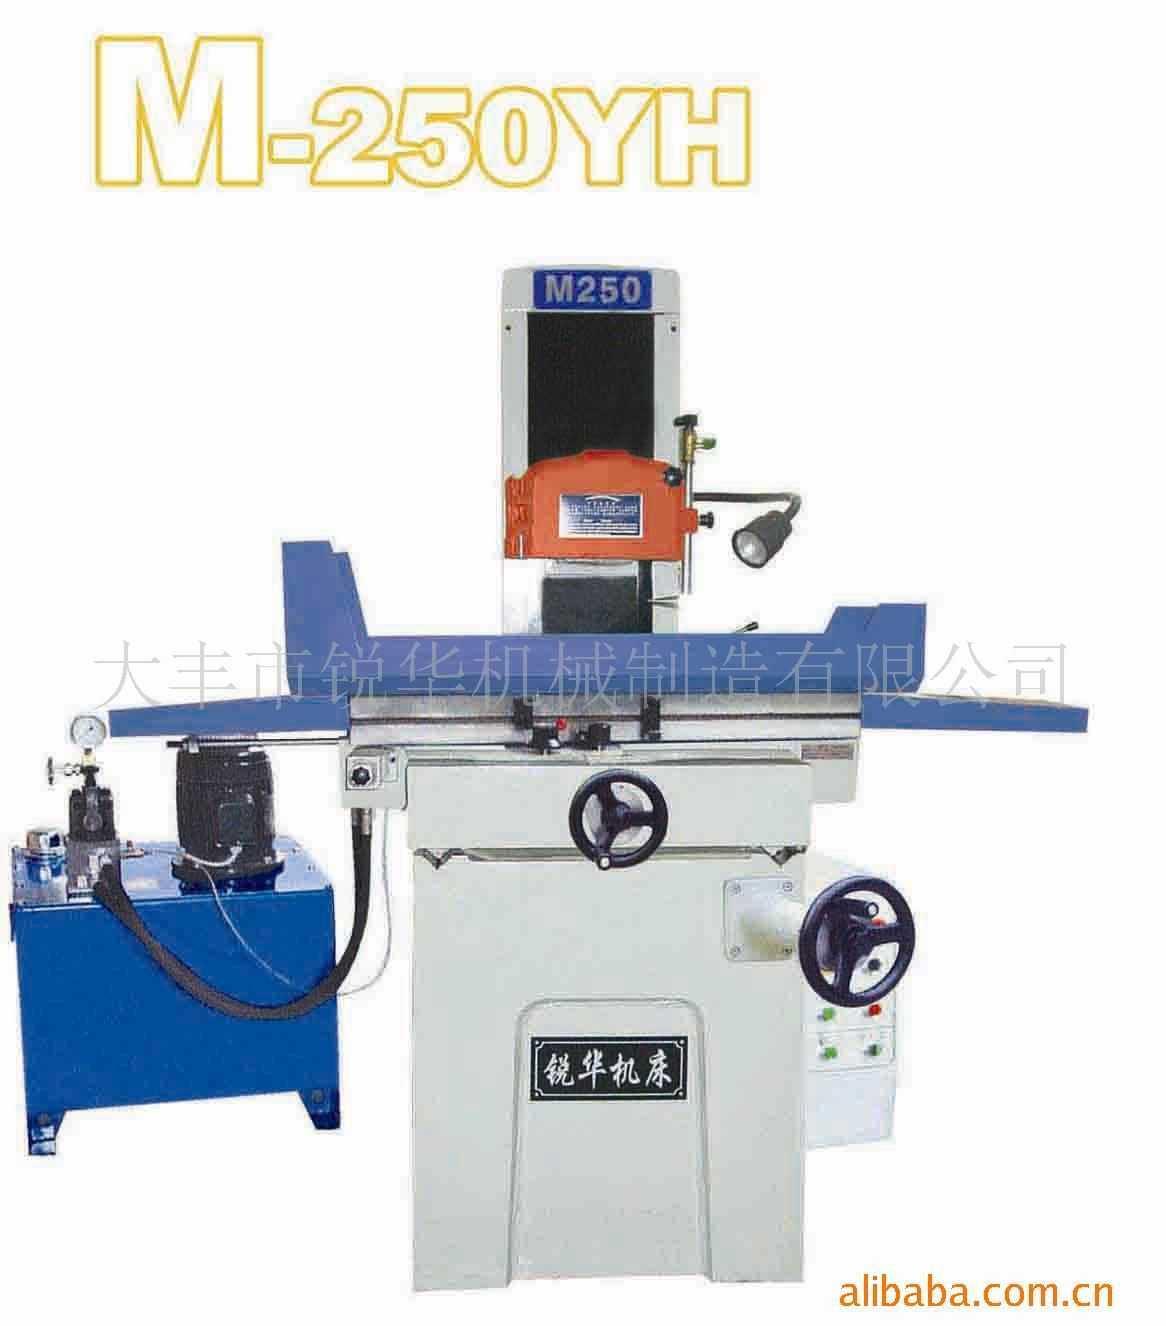 平面磨床/M250YH锐华液压平面磨床